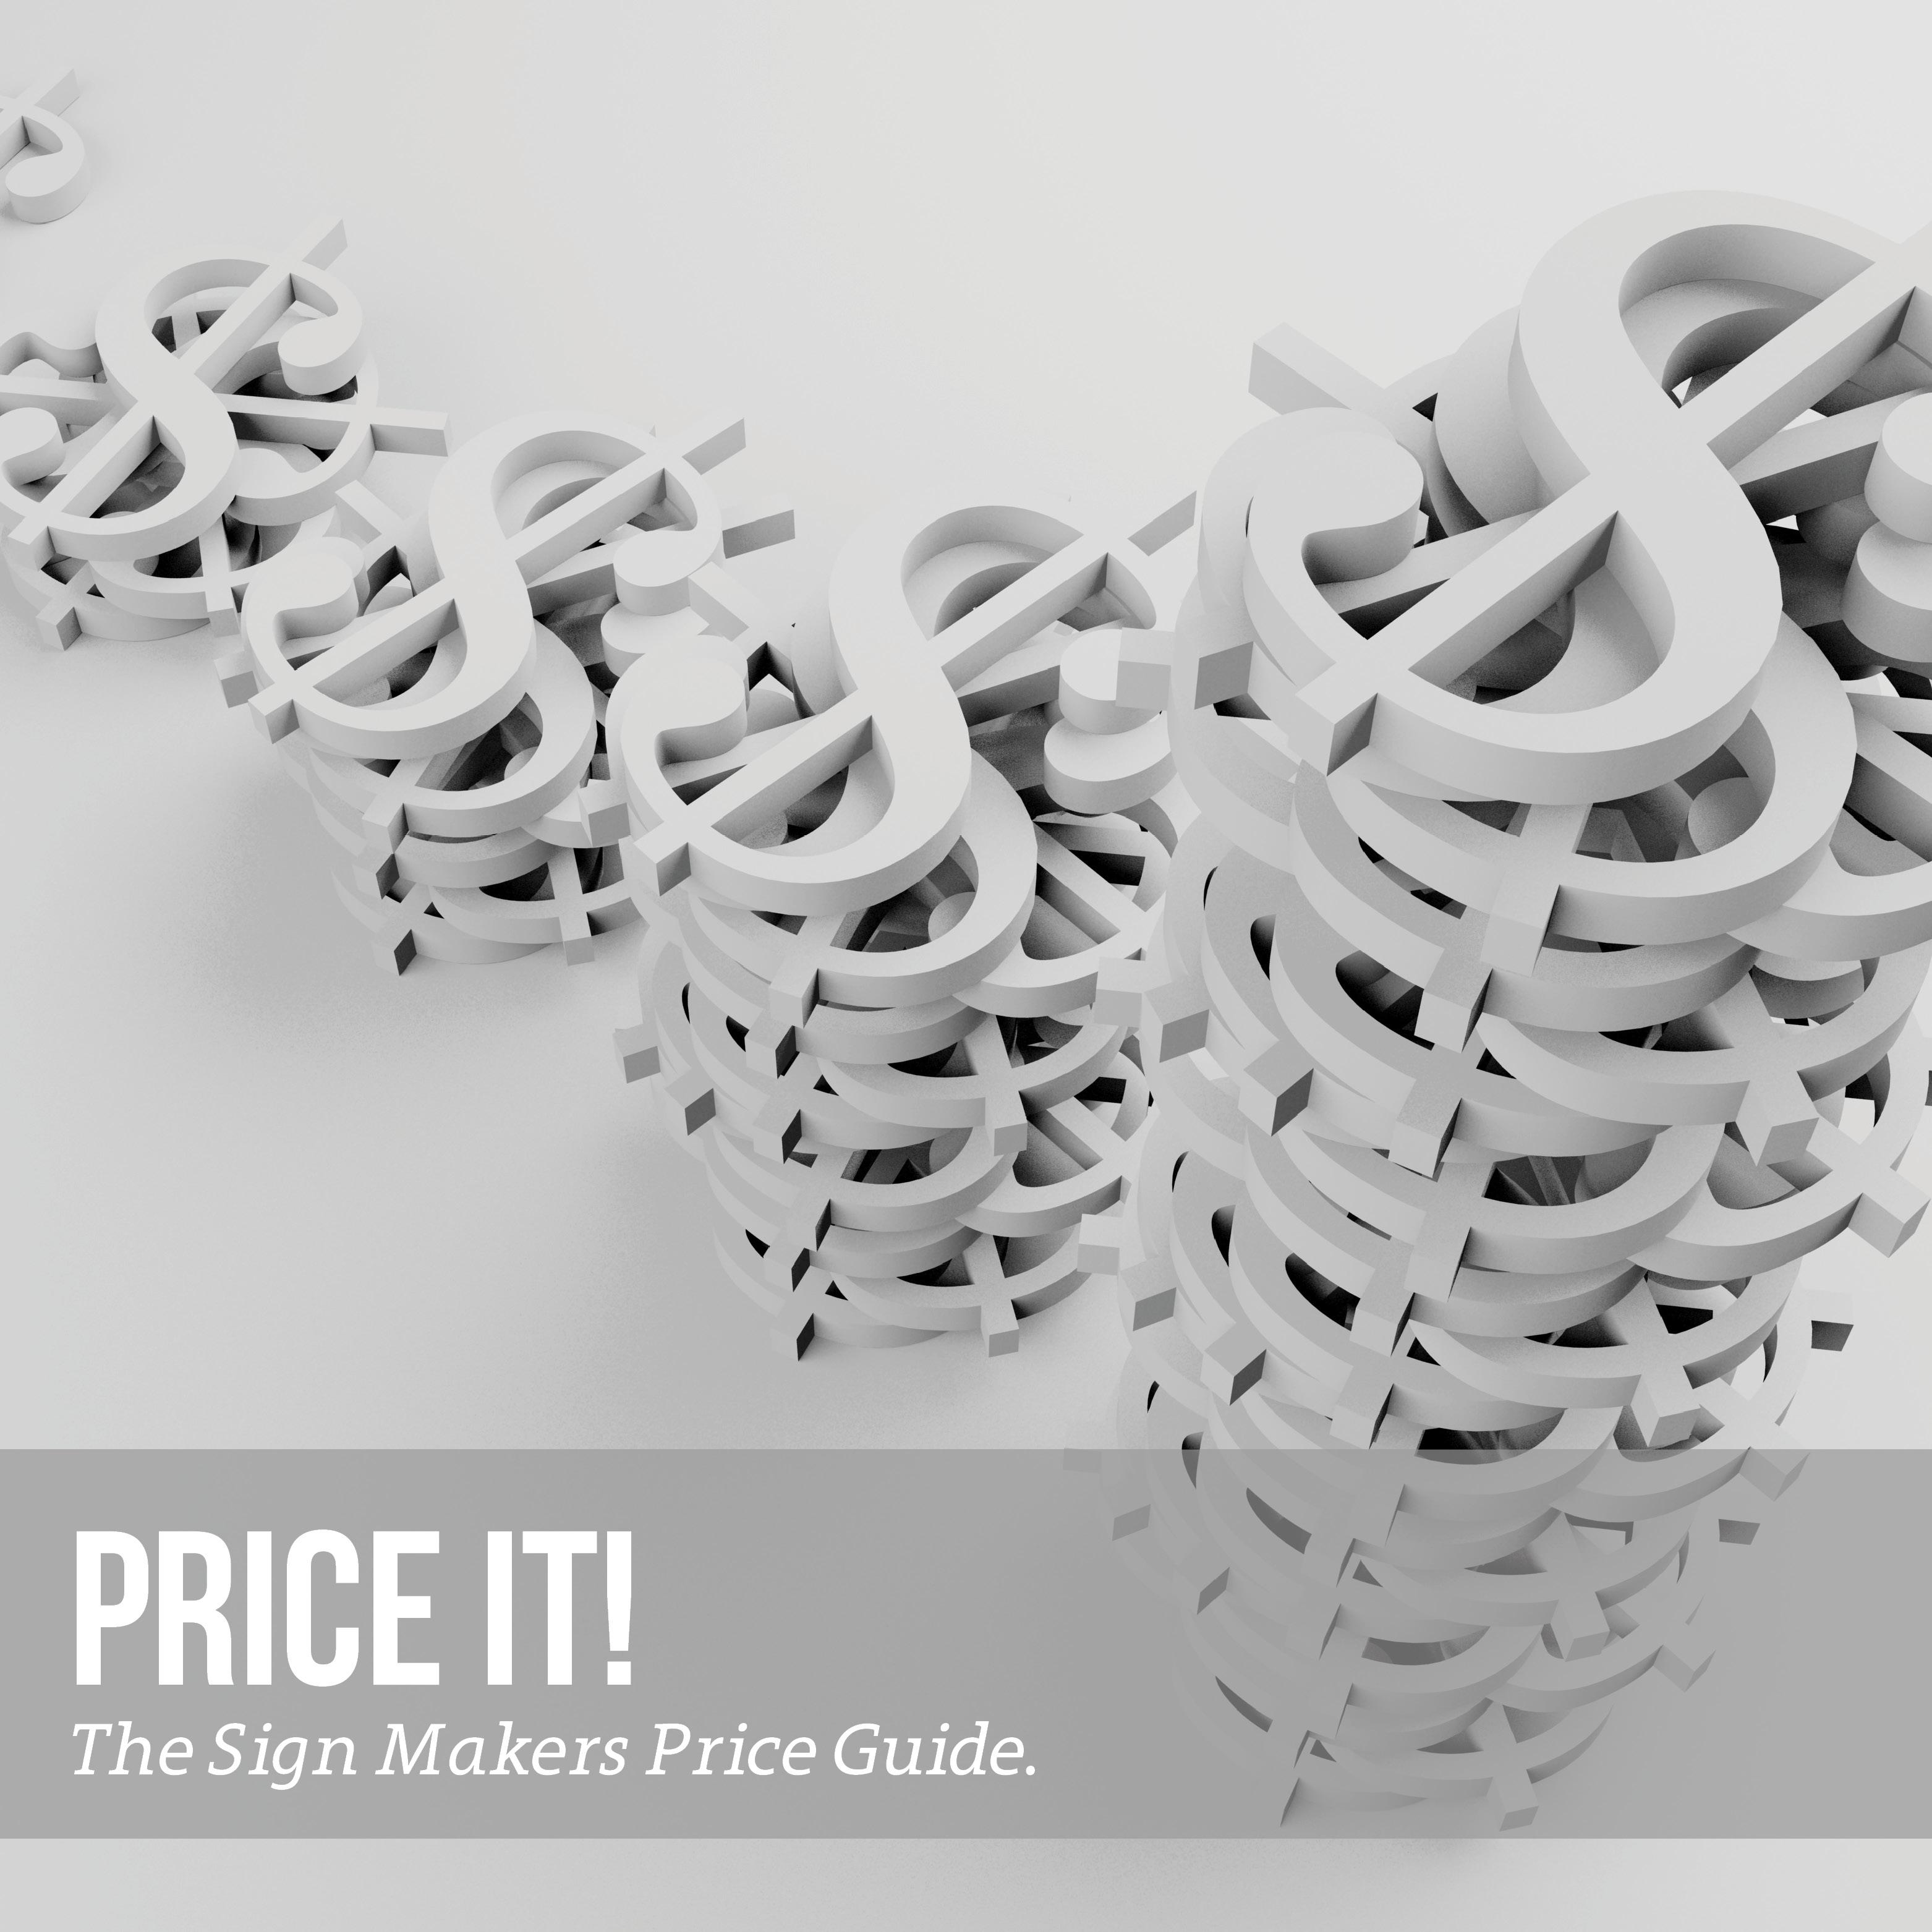 Price It